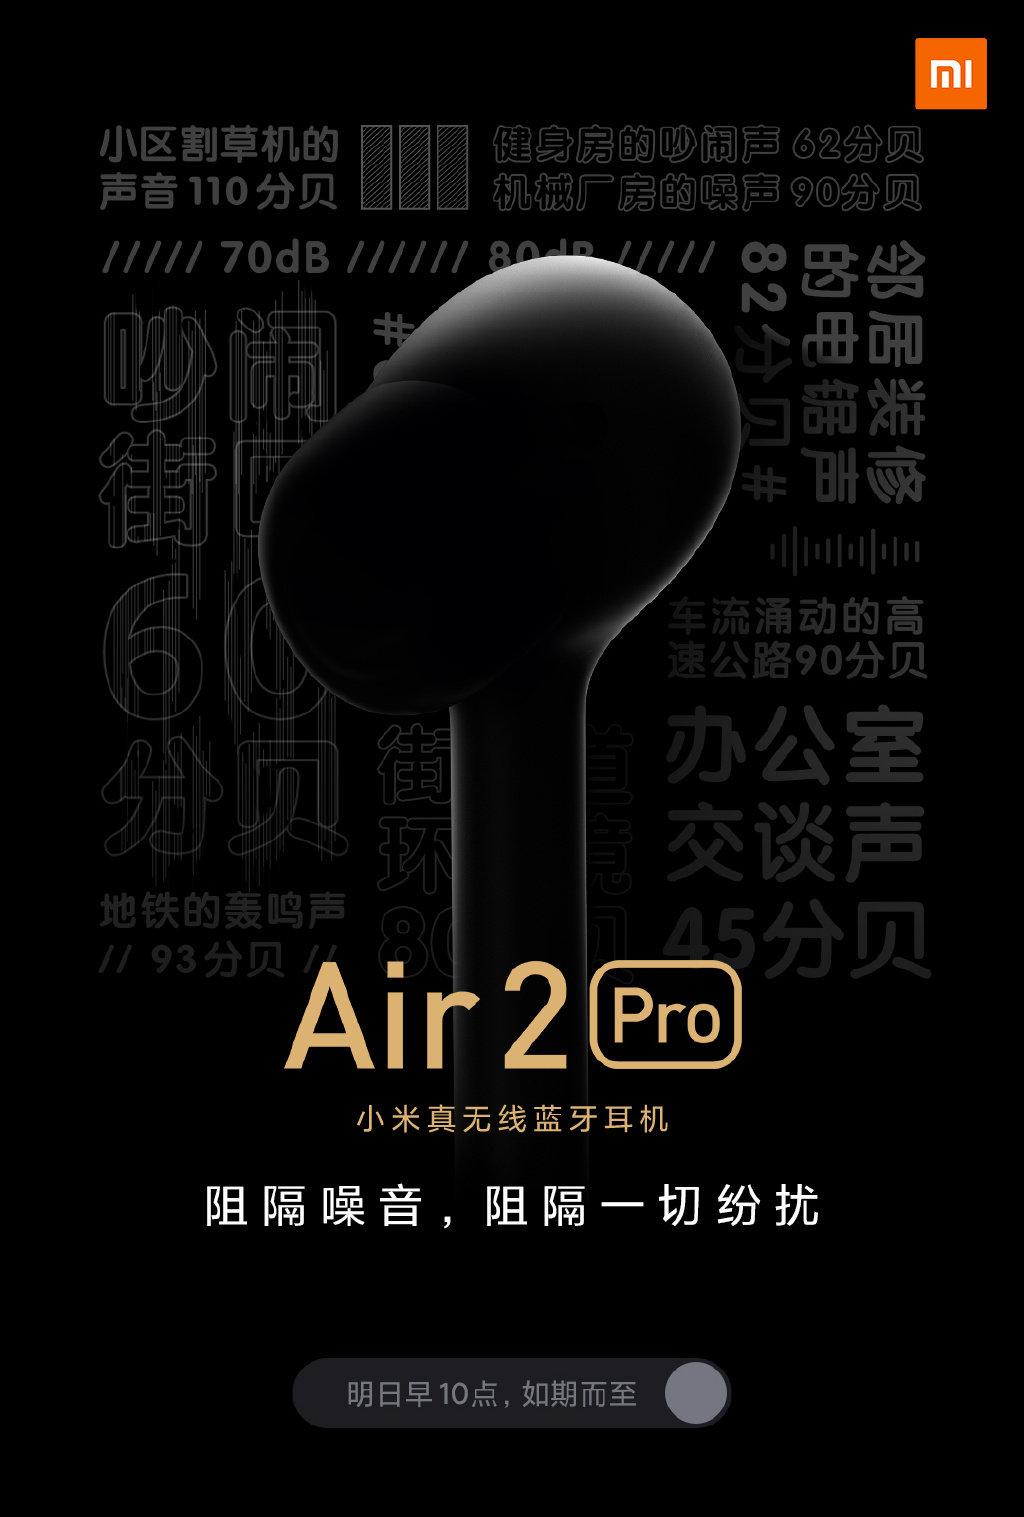 小米真无线降噪耳机 Air 2 Pro 官宣:明早 10 点预售 - 热点资讯 首页 第2张